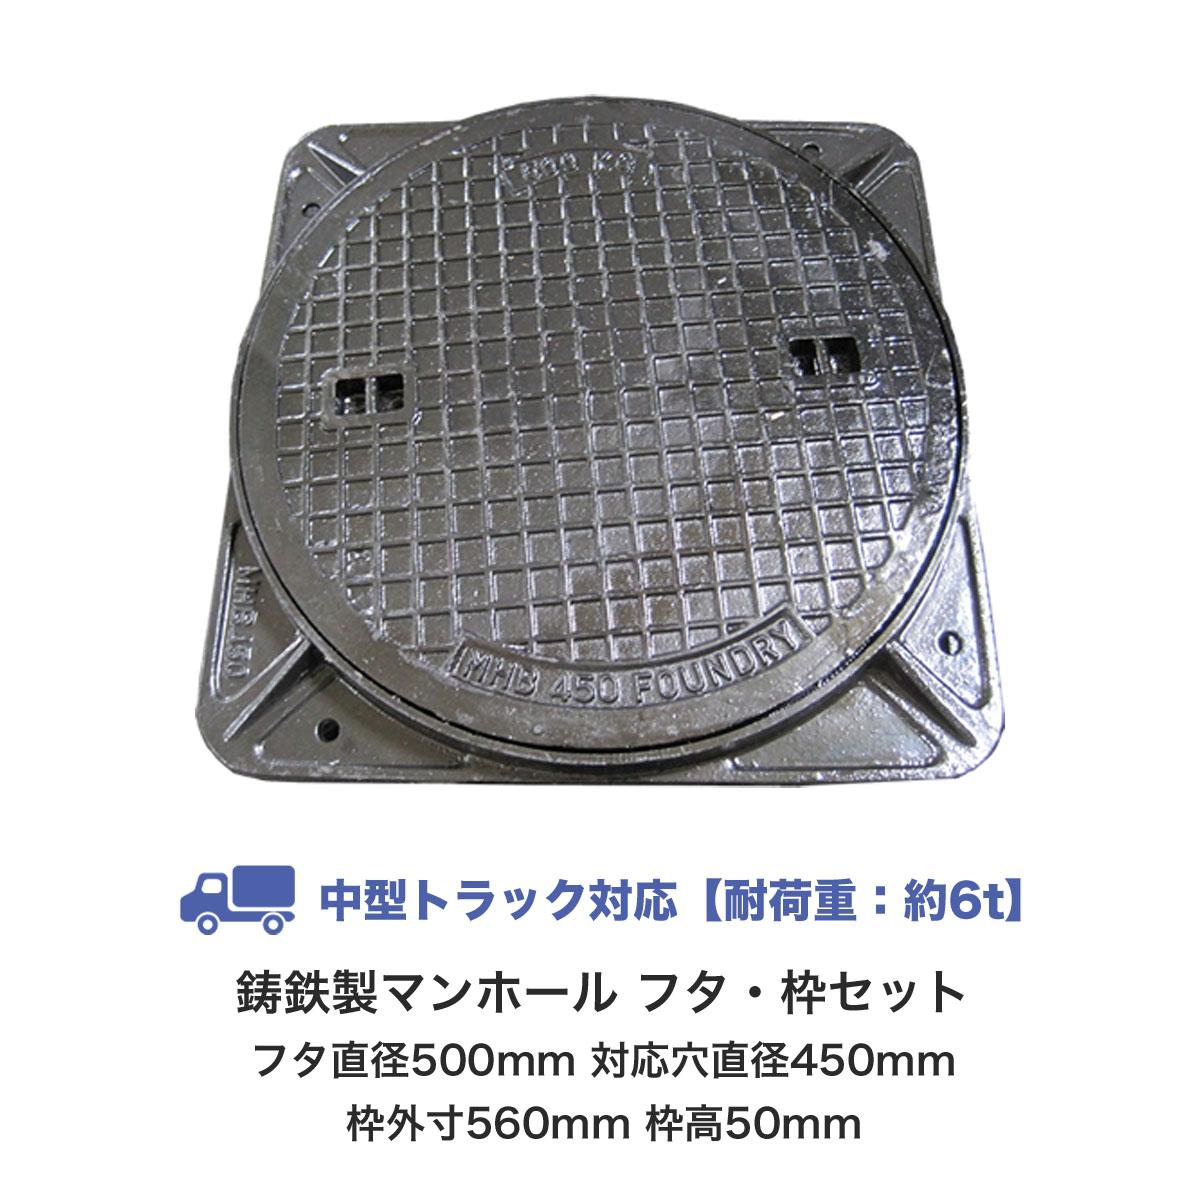 鋳鉄製 マンホール (6t荷重対応) フタ+枠セット フタ直径500mm (直径45cmの穴に対応) tt-mk6450